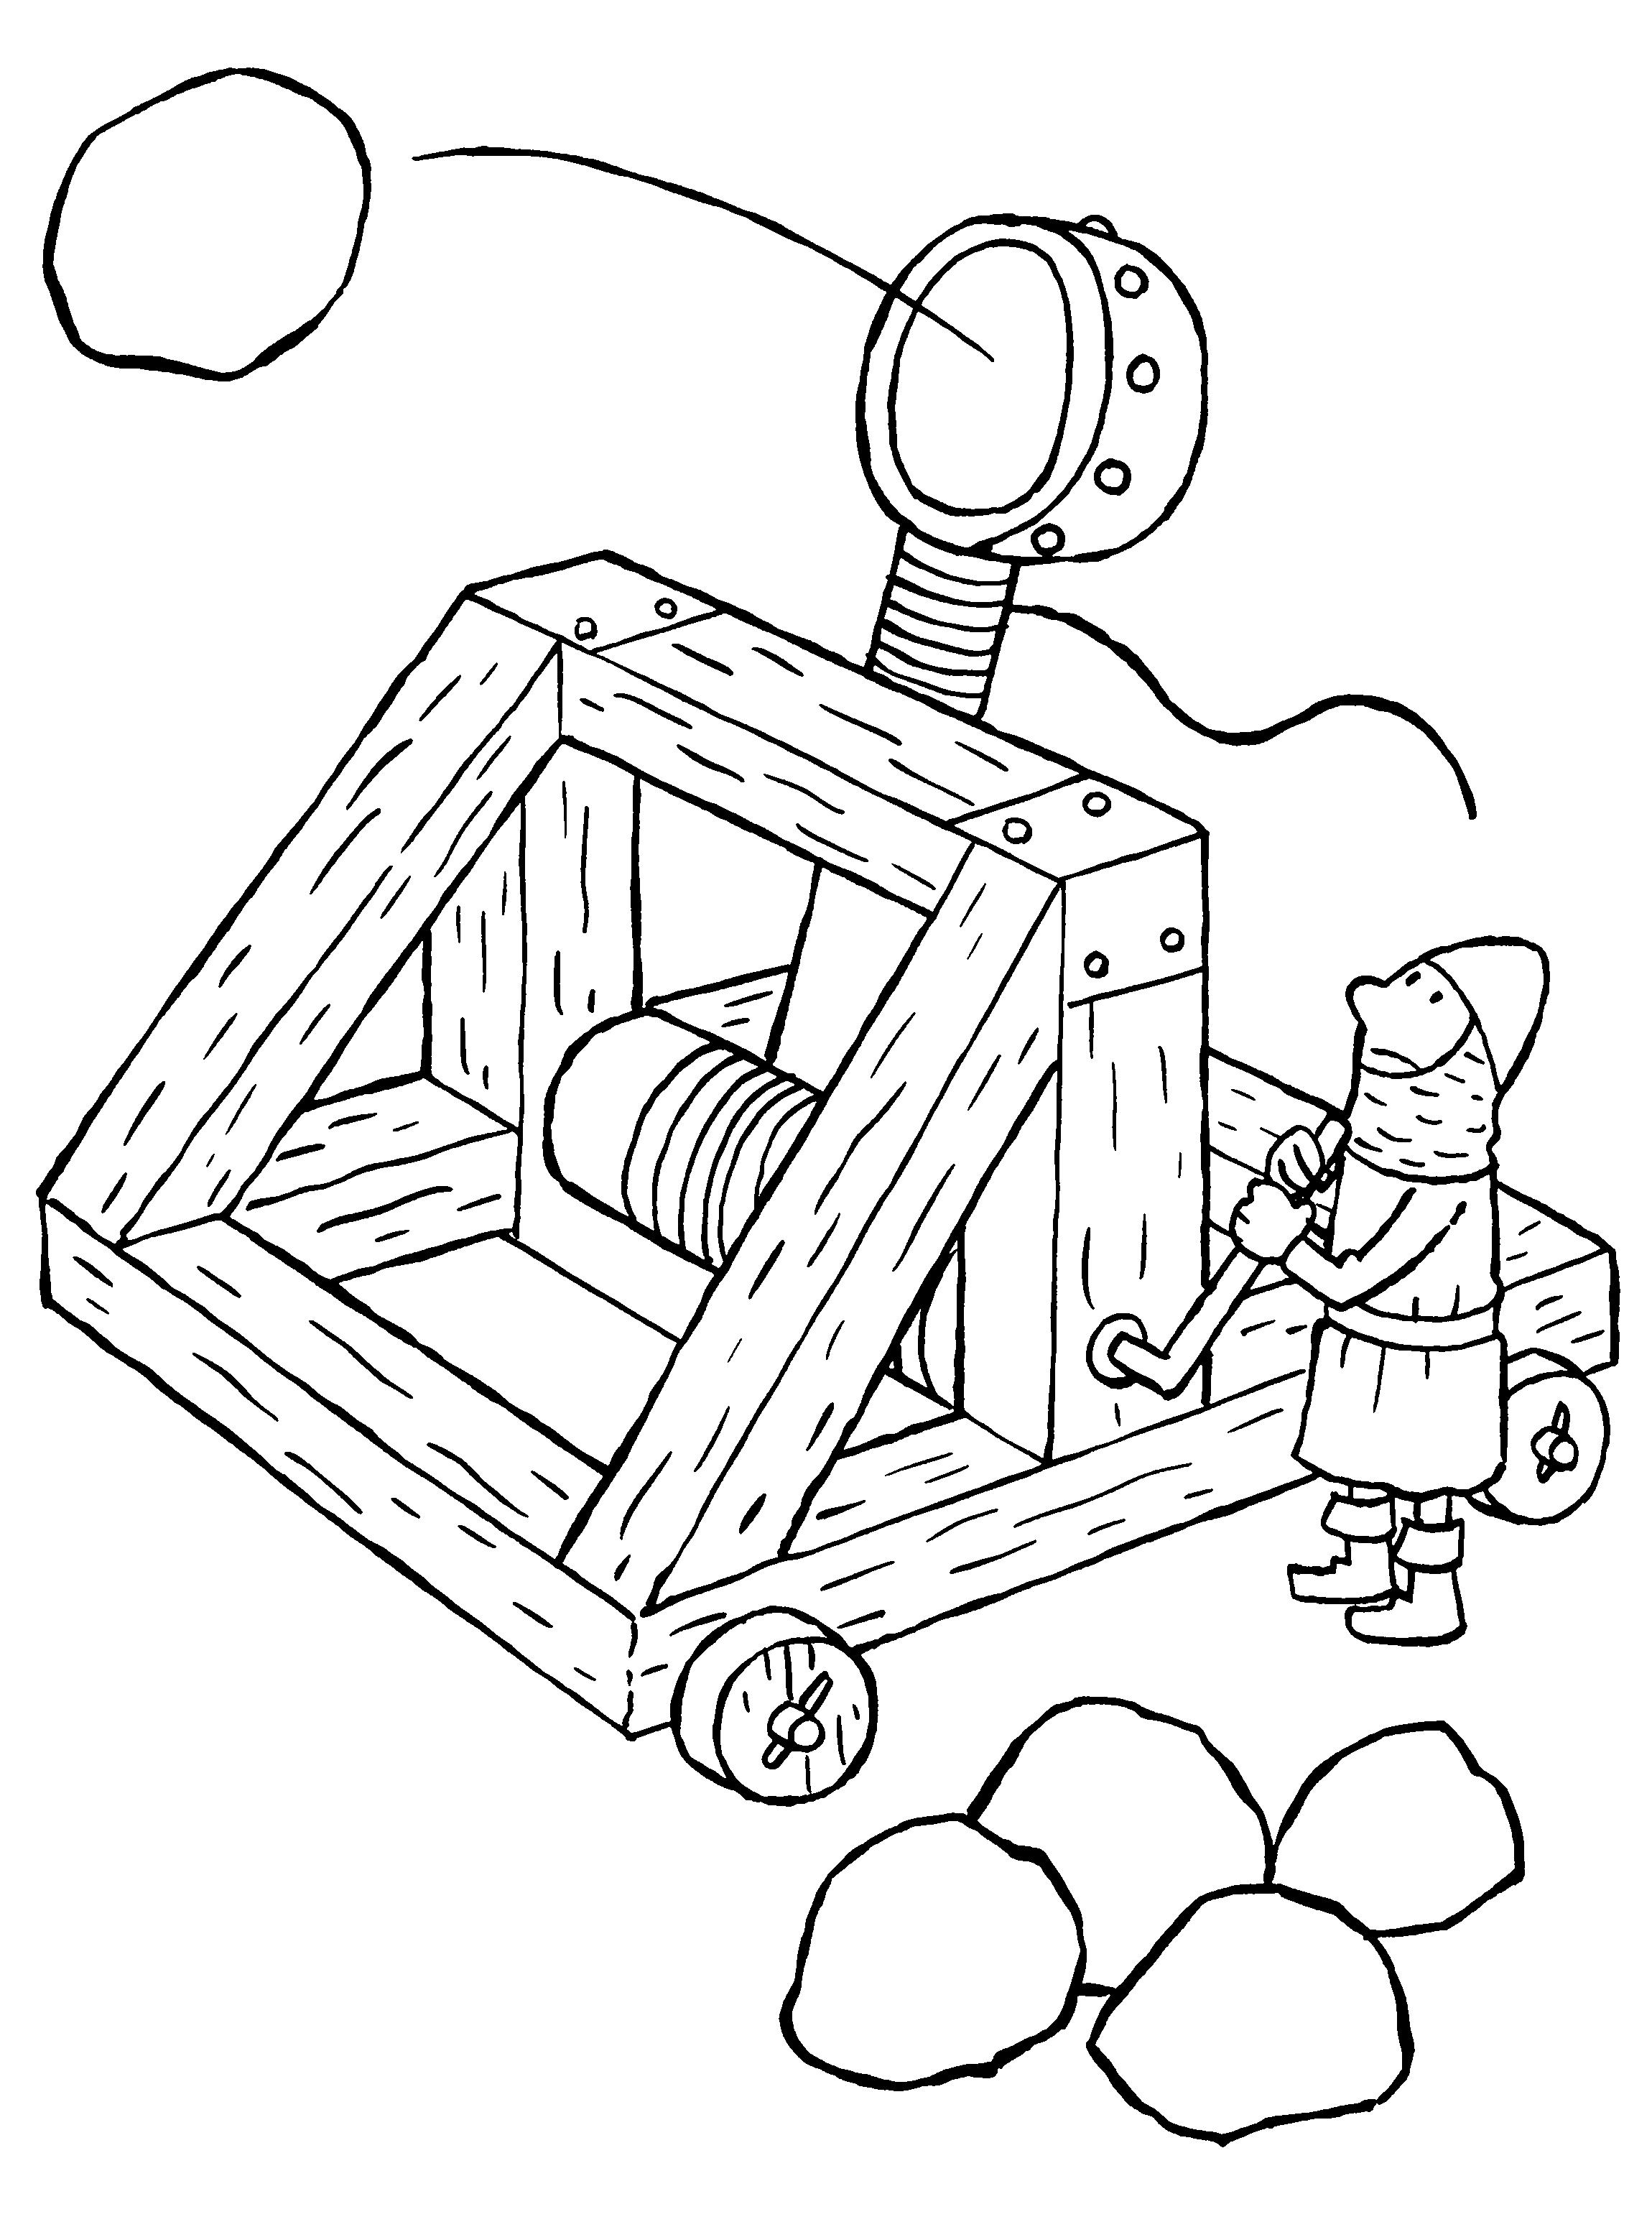 кукольного чертеж катапульты картинка данном мастер-классе запись